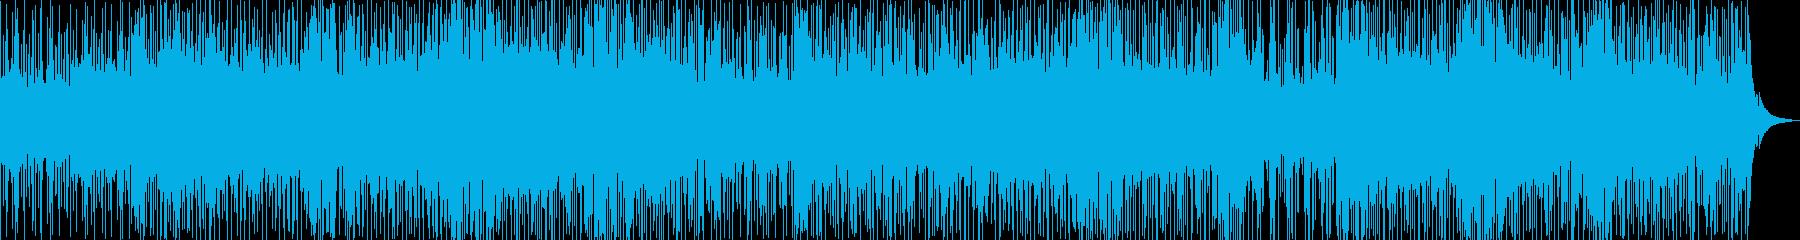 軽快なアコースティックダンスフュージョンの再生済みの波形